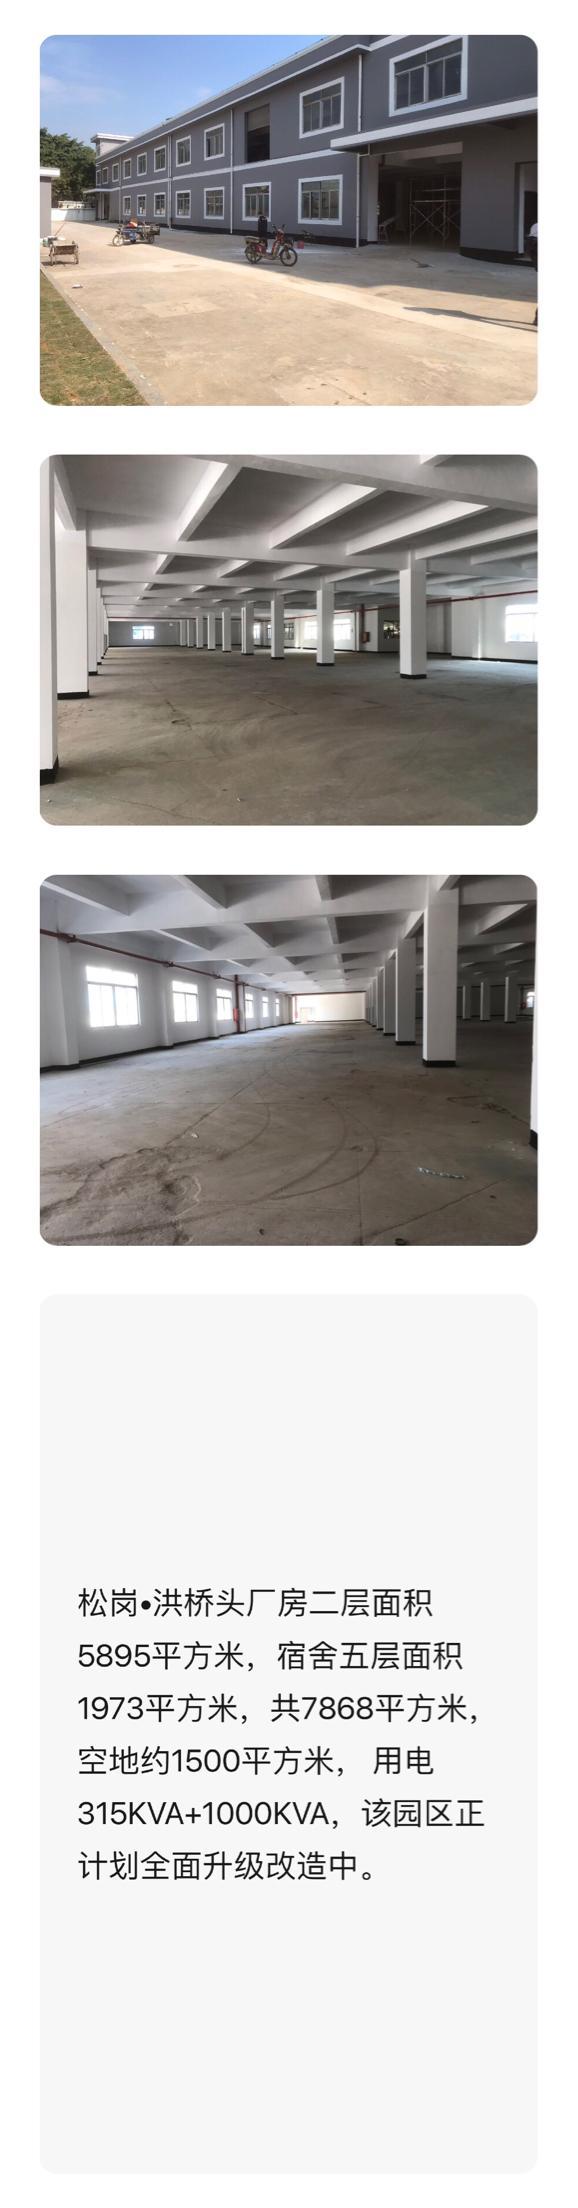 松岗洪桥头独院厂房约6000平,空地超大